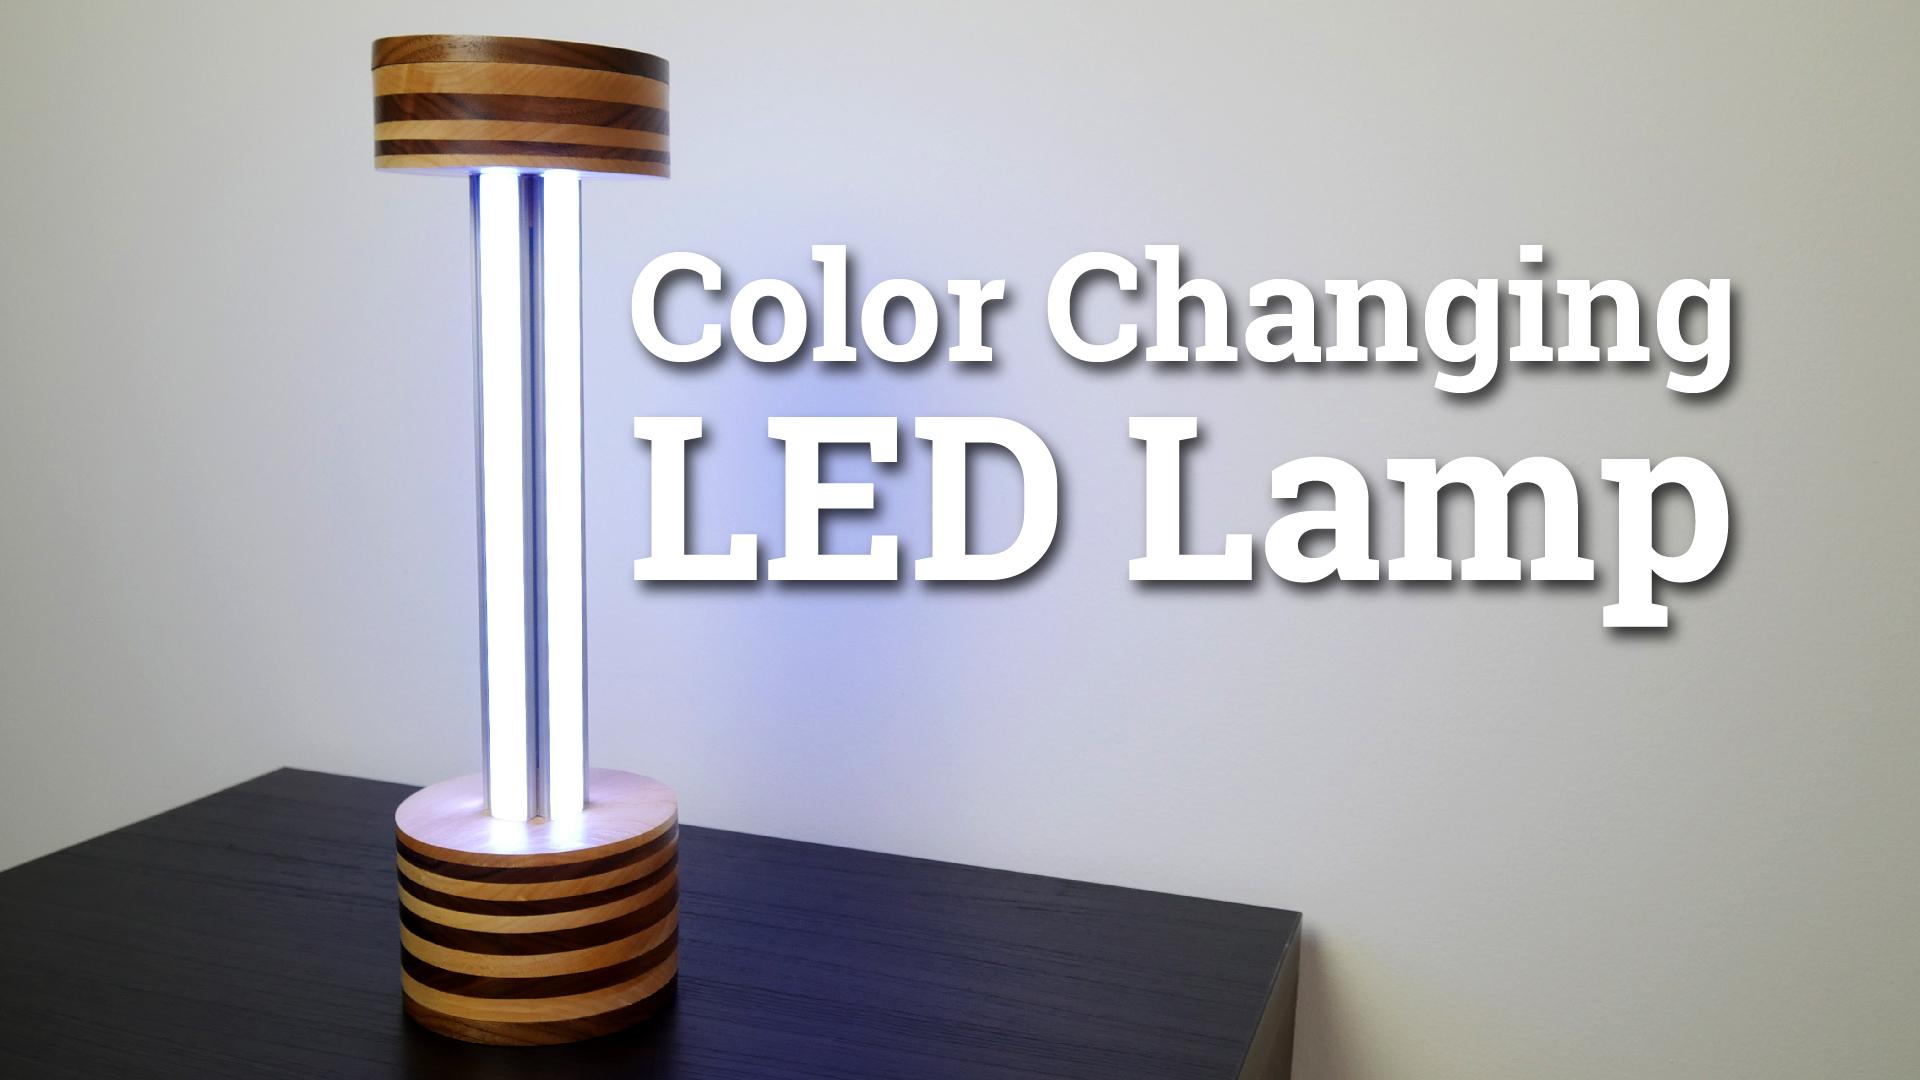 Table Lamp YouTube Thumbnail